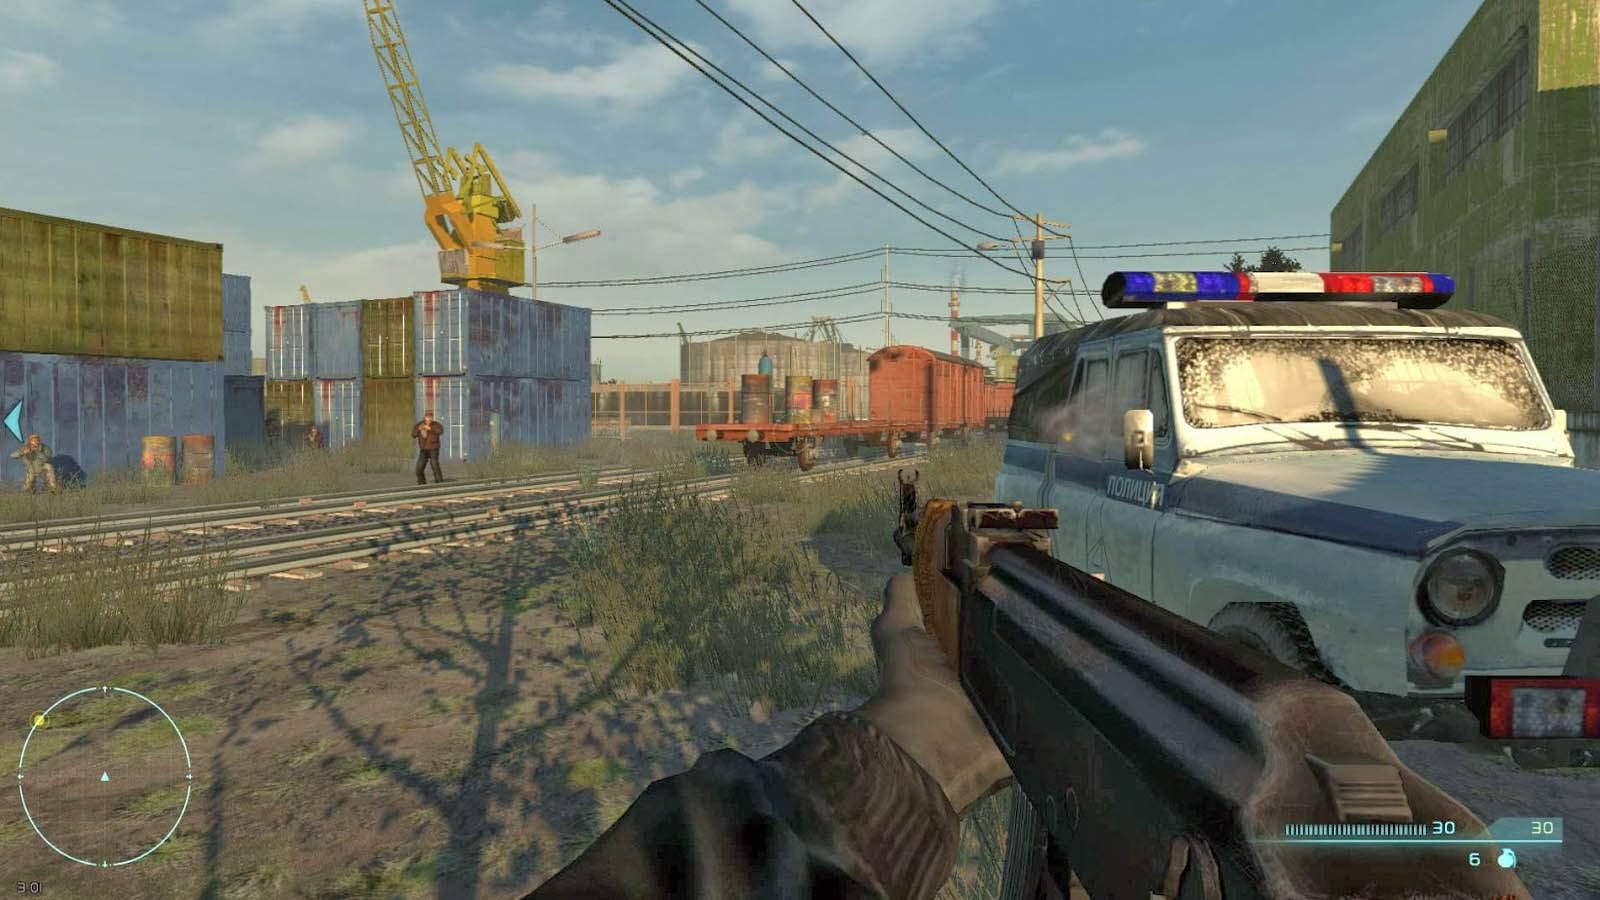 تحميل لعبة IGI 3 مضغوطة برابط واحد مباشر + تورنت كاملة مجانا